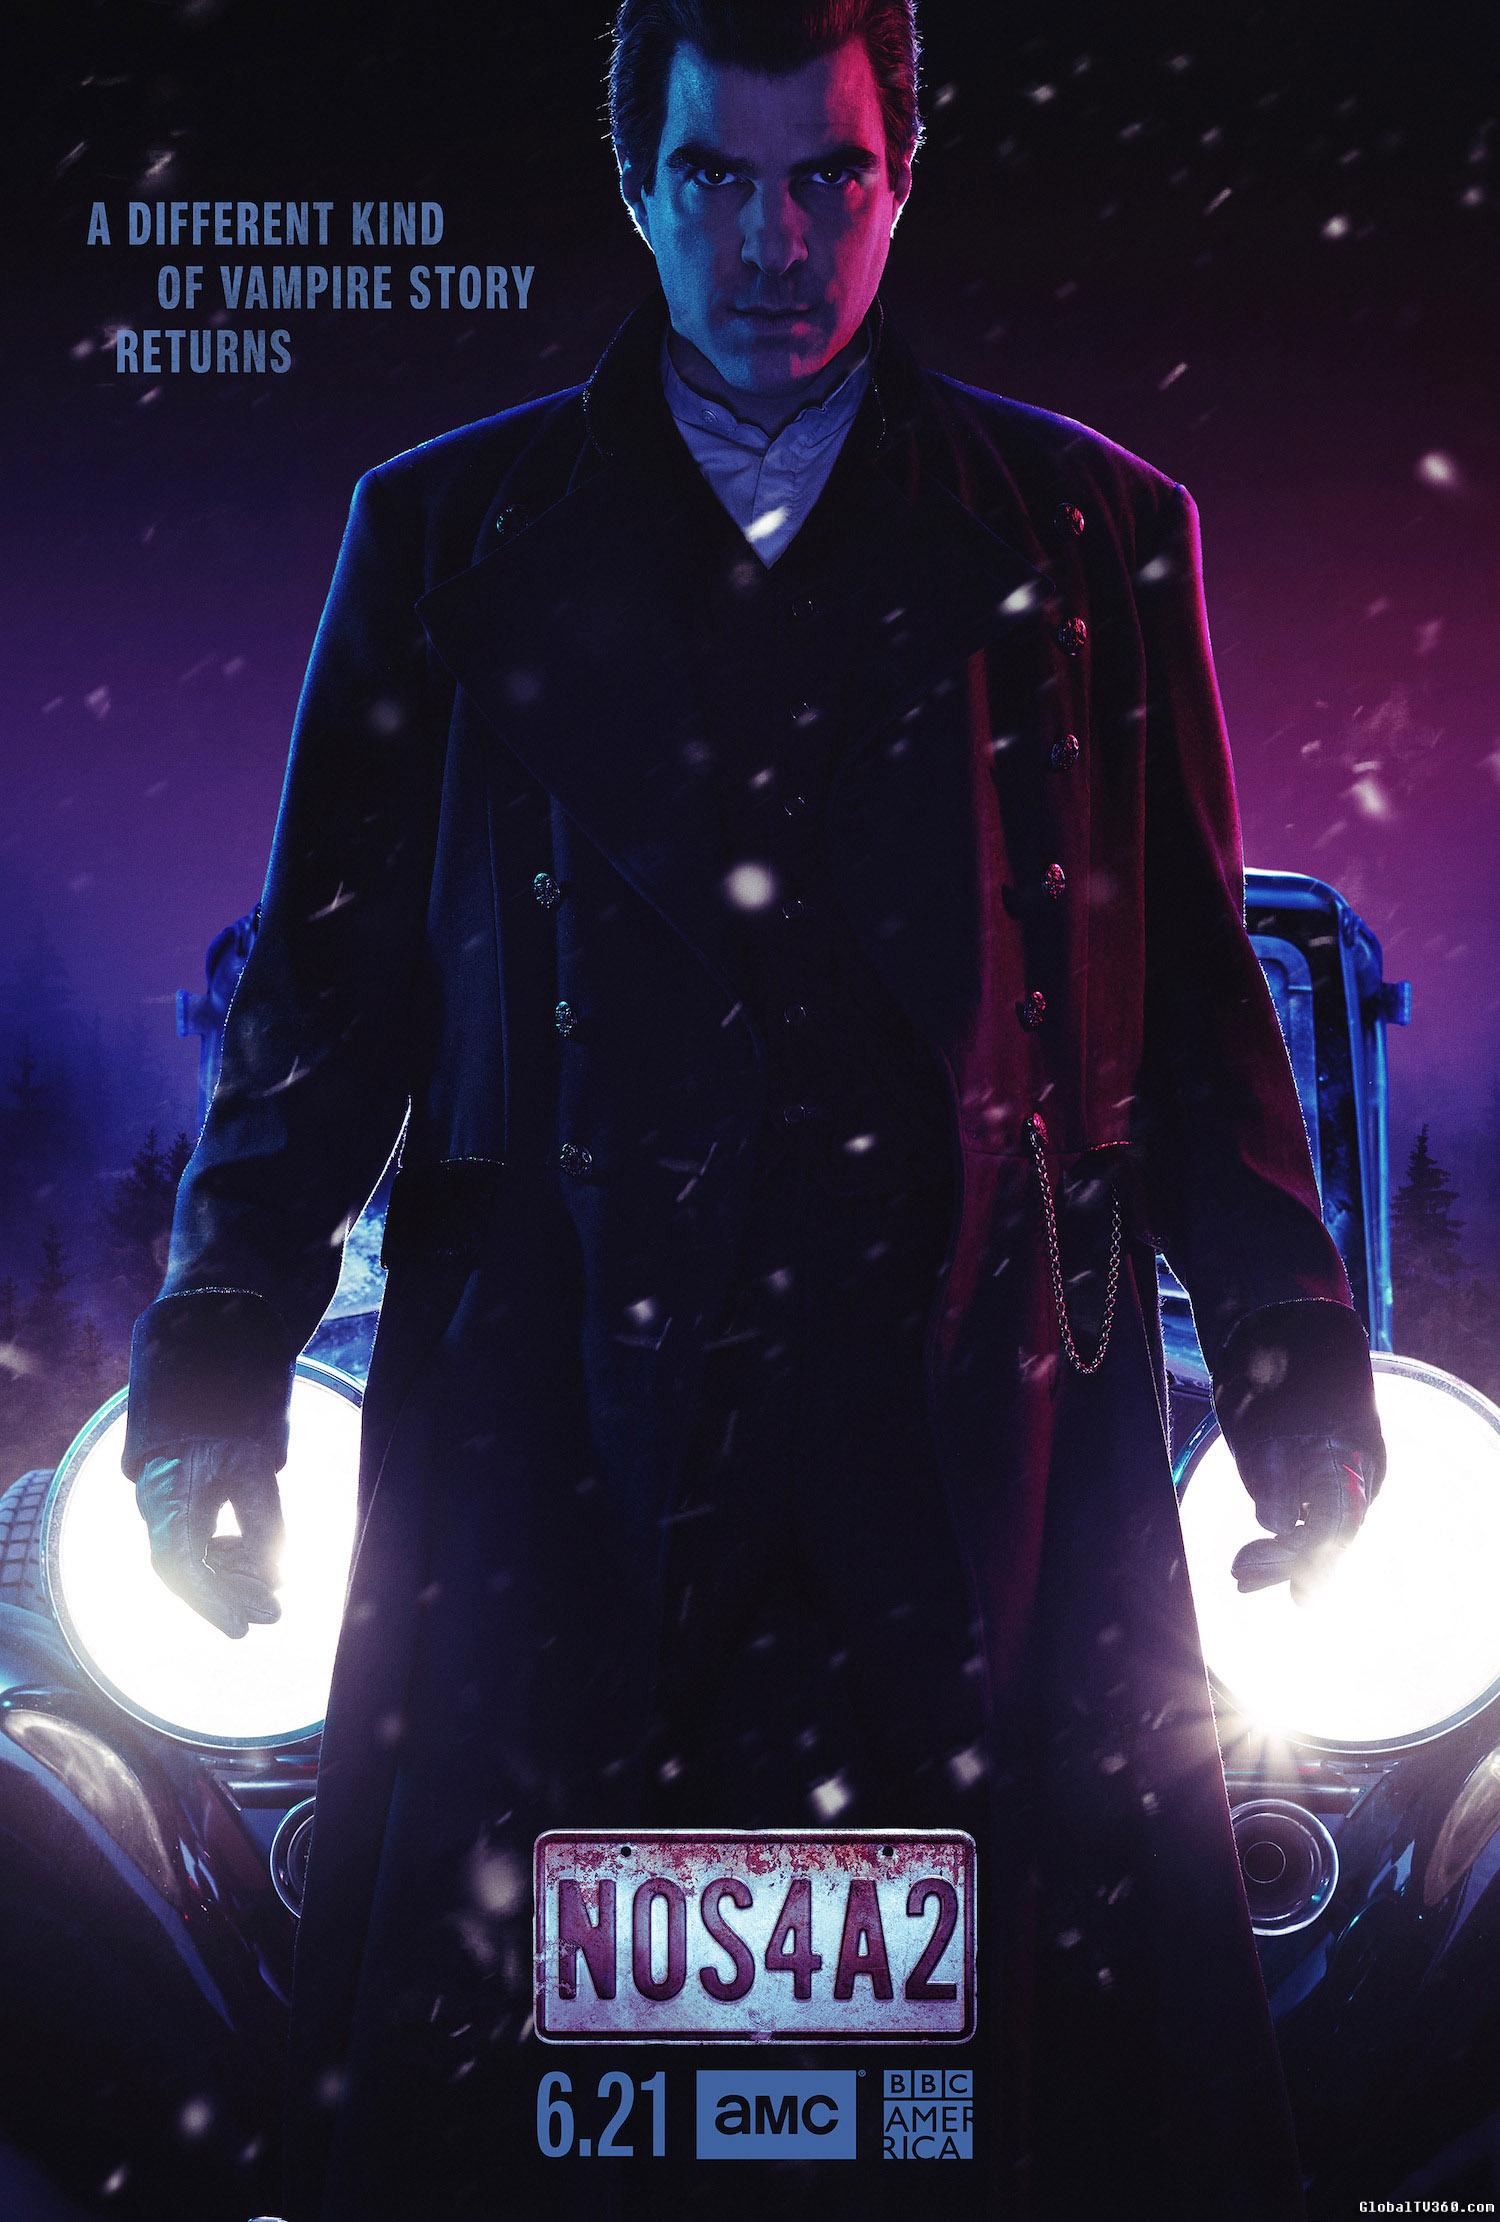 圣诞恶灵 NOS4A2 第2季 官方海报及官方预告